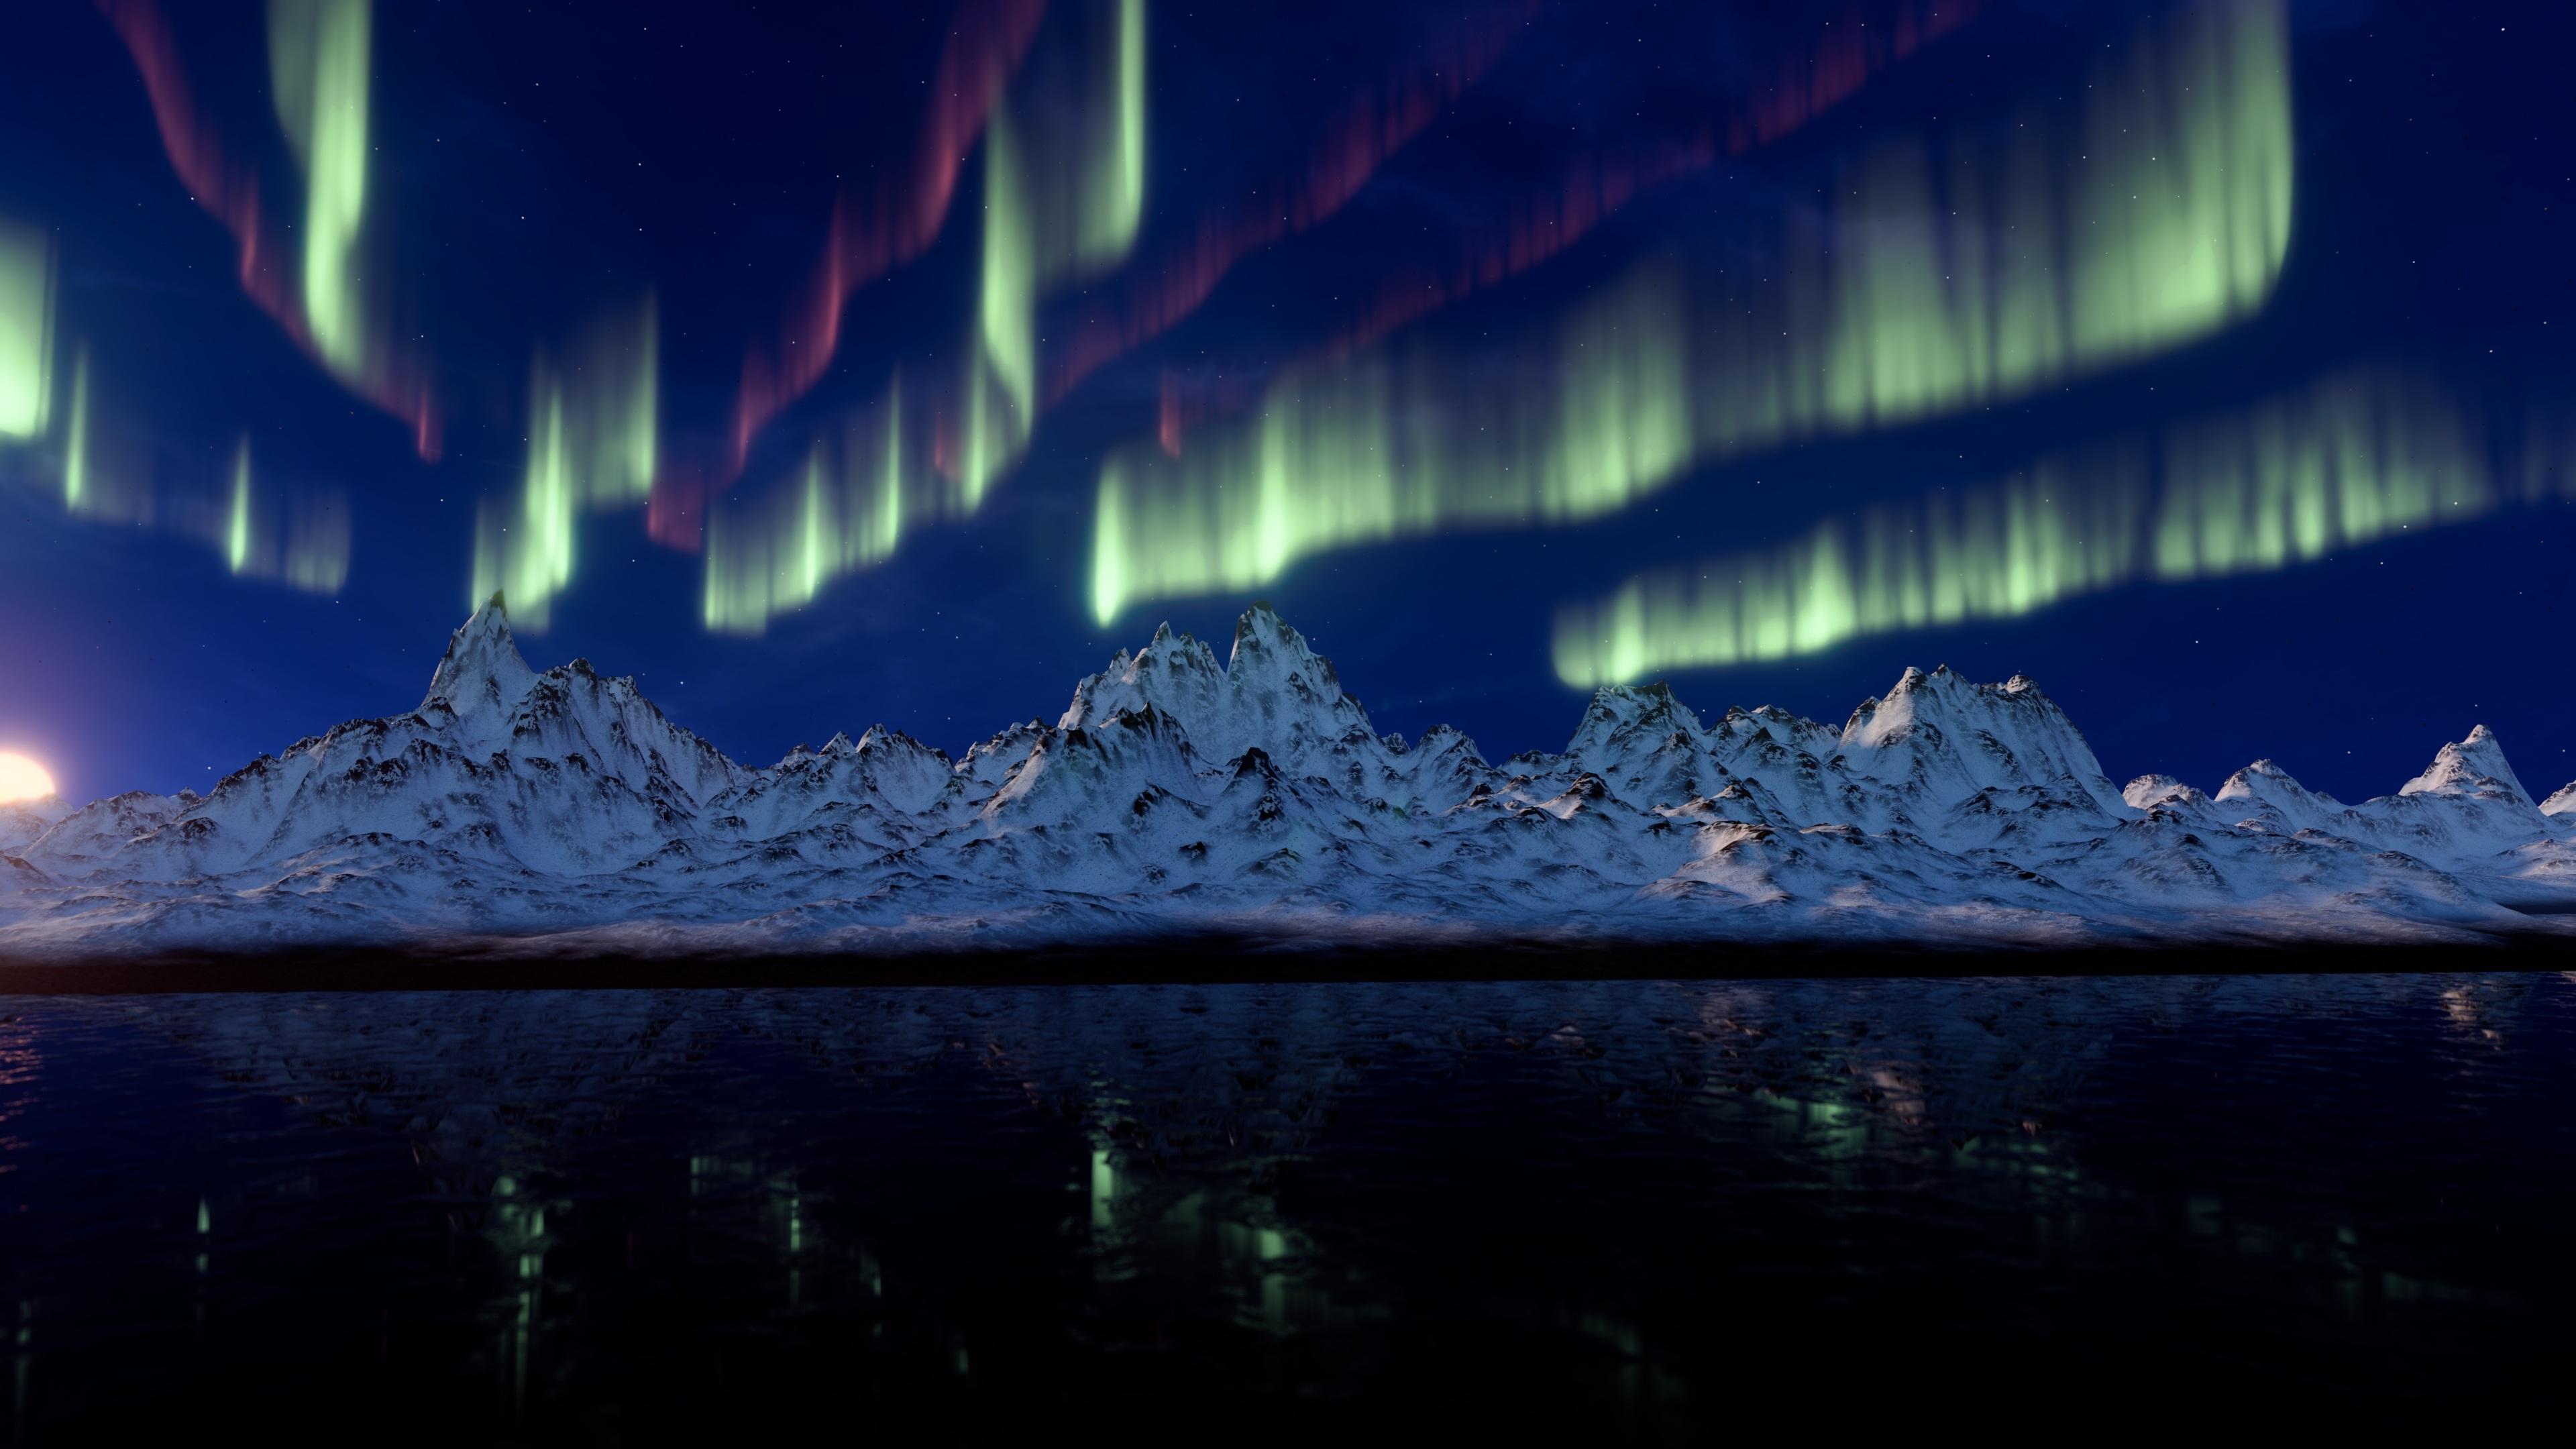 Aurora Borealis Earth Light Mountain Nature Snow 3840x2160